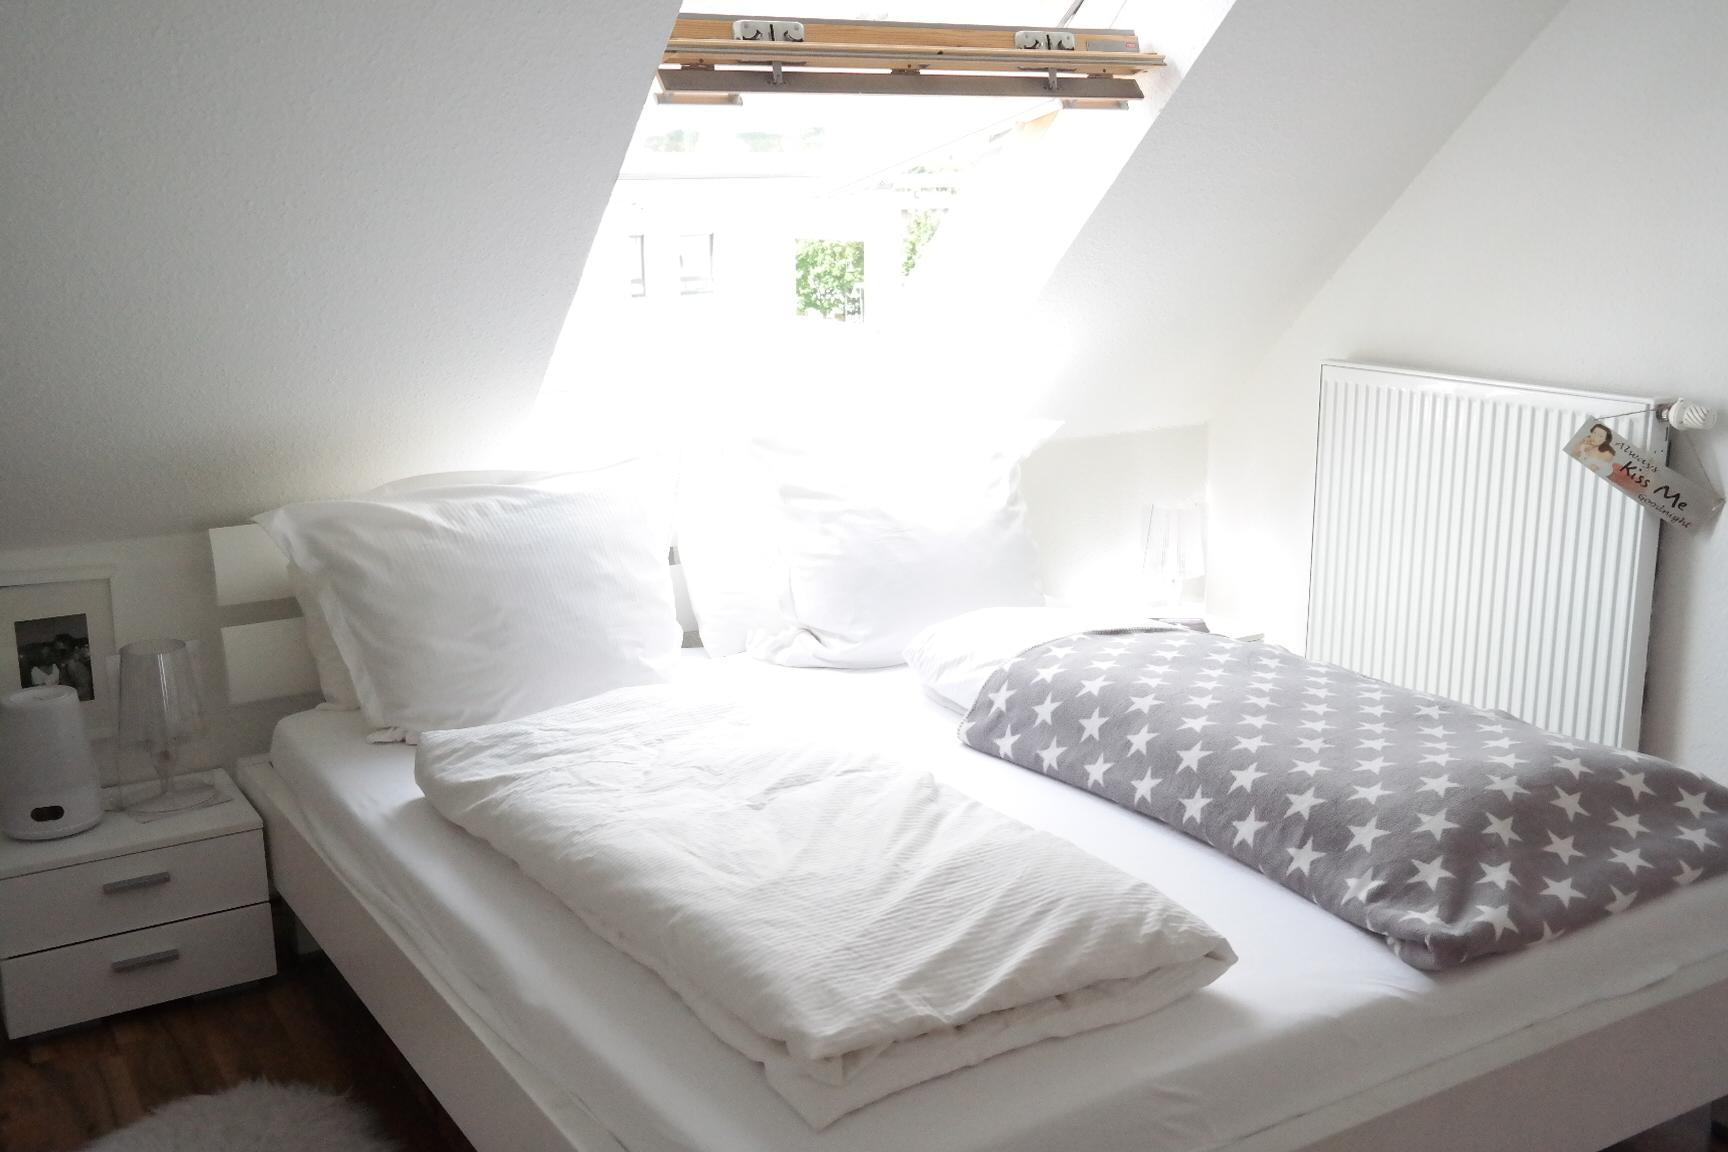 Attraktiv MissBB Schlafzimmer Bonn Weiß Phillips Wake Up Light Wecker Bettwäsche Weiß  Gesund Schlafen